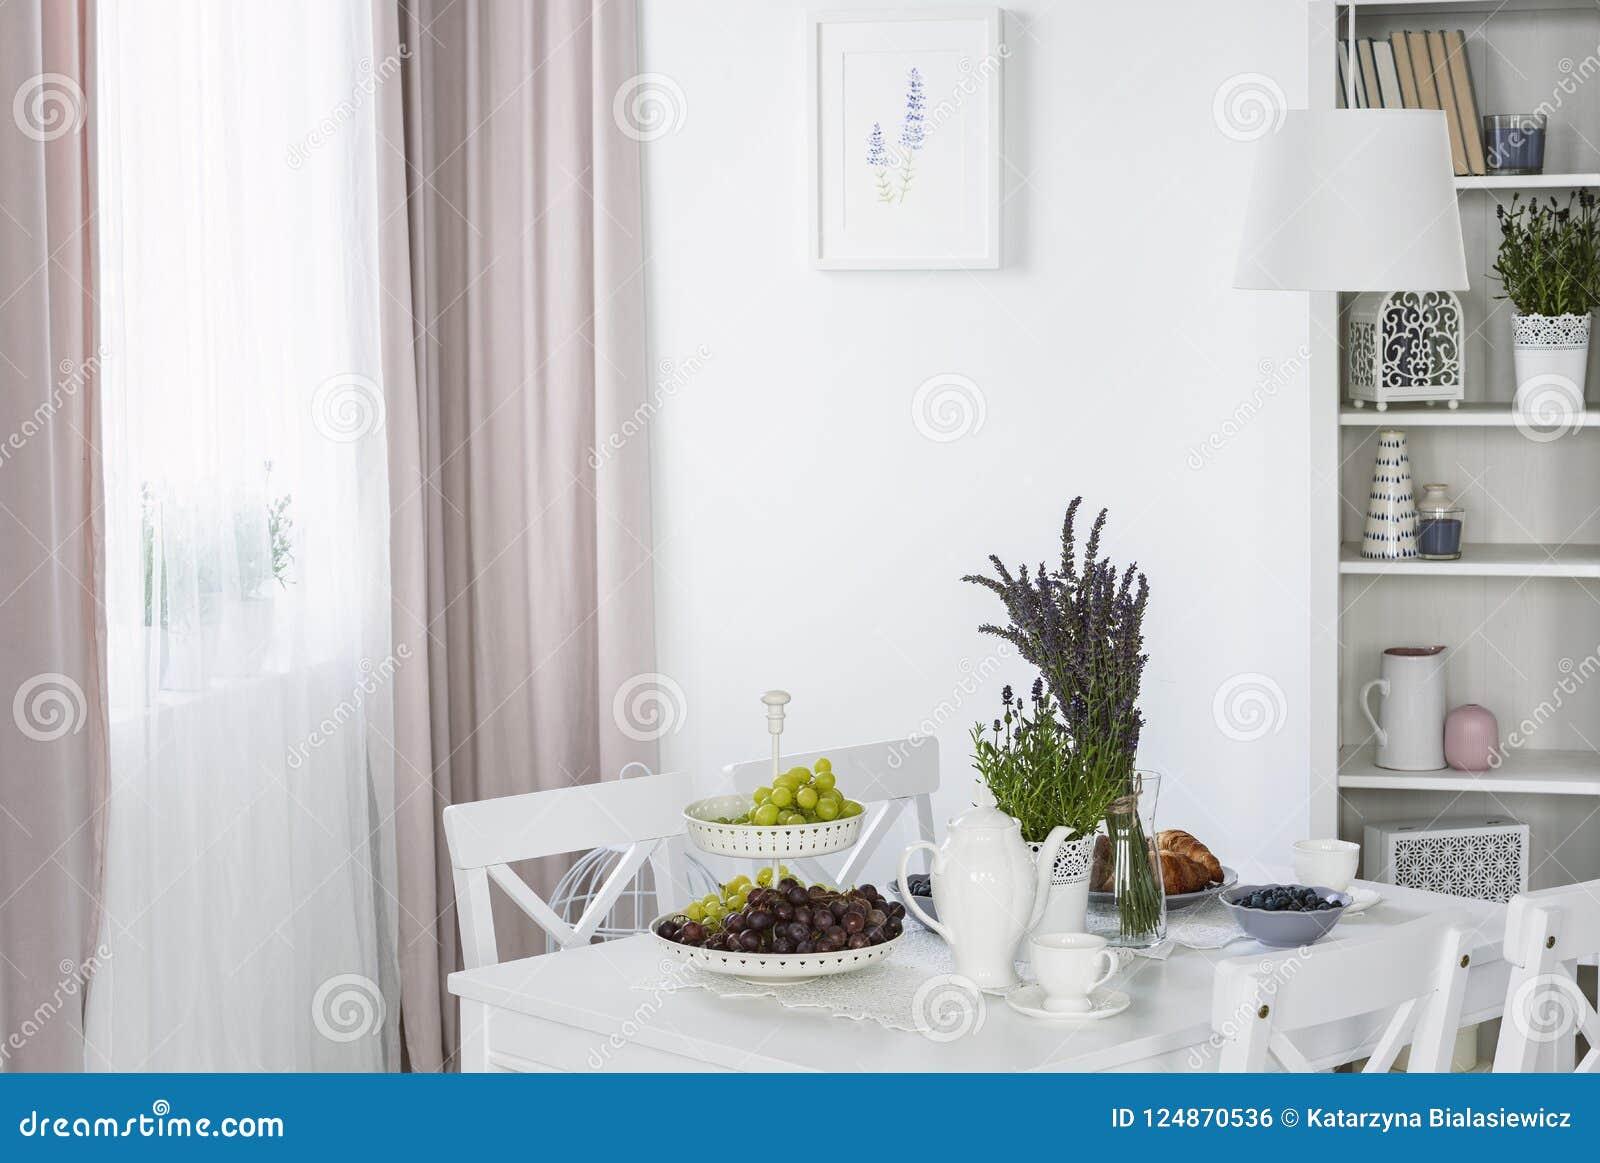 Habiller Un Poteau Interieur les usines sur la table blanche dans l'intérieur lumineux de